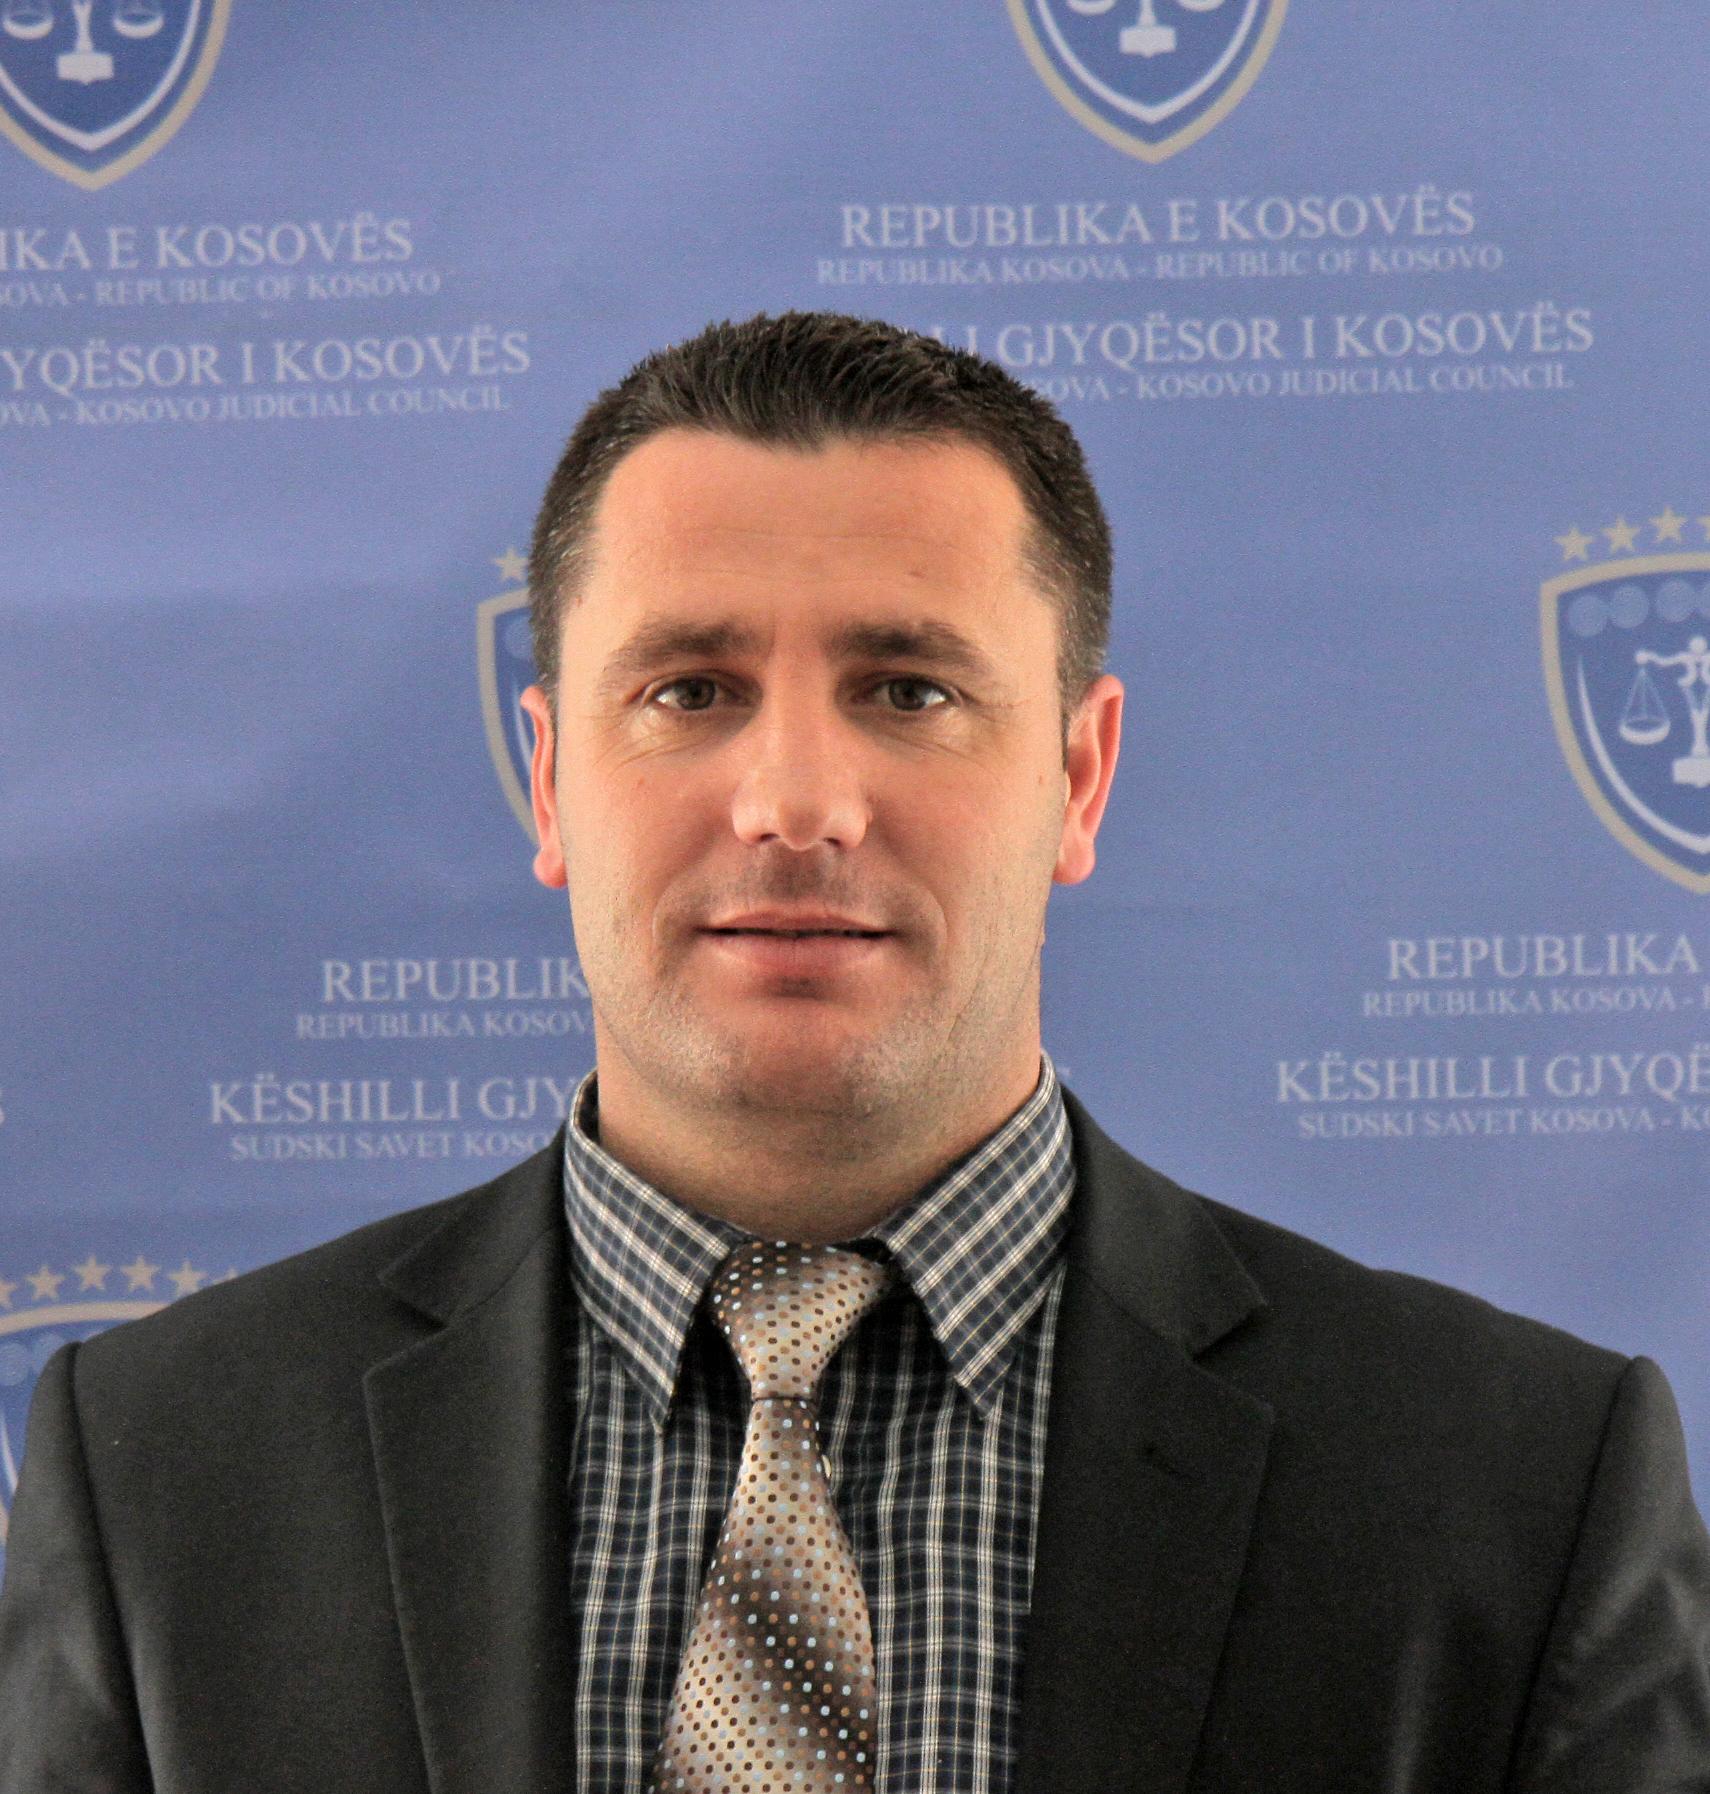 Gjykatat Themelore zgjedhin Avni Mehmeti për anëtar të KGjK-së